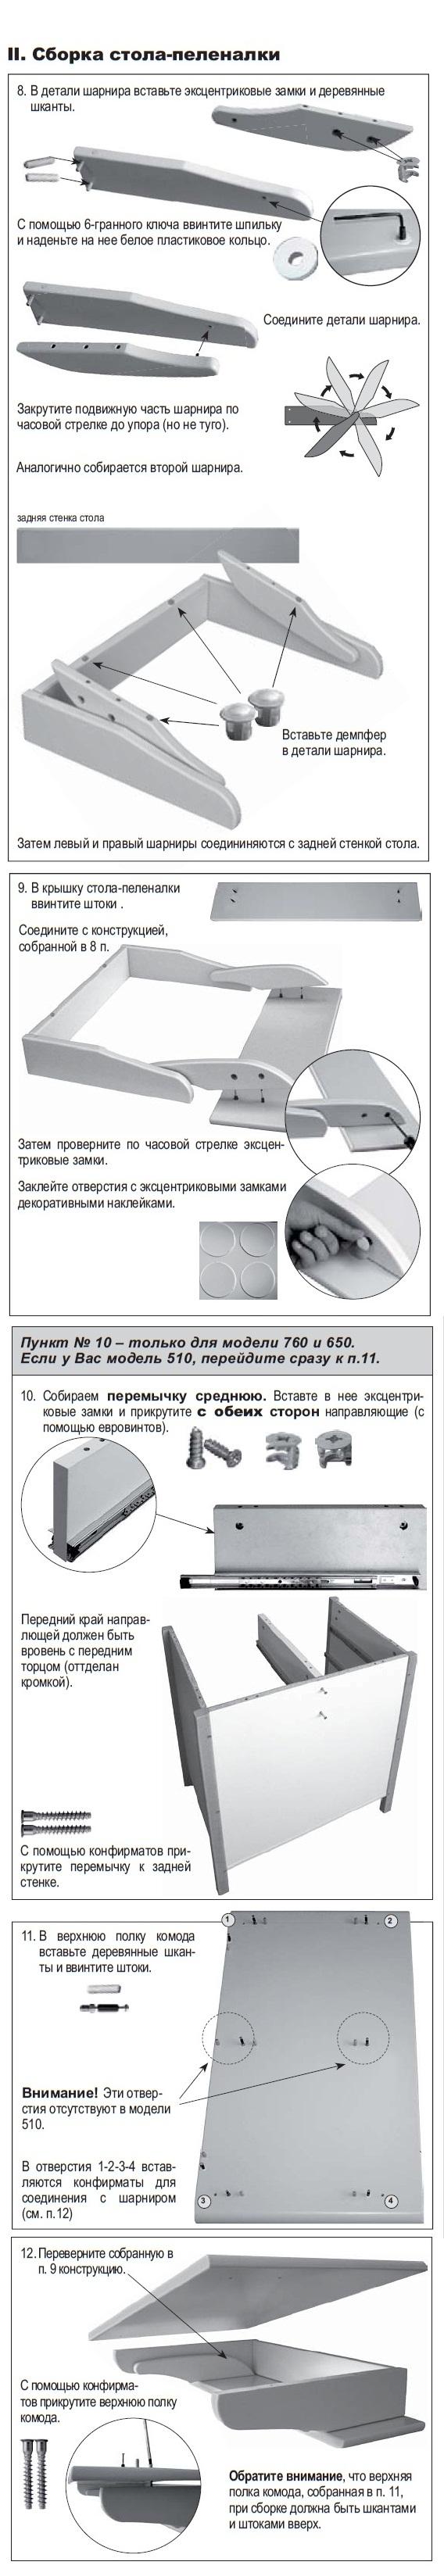 Схема по сборке пеленального комода Papaloni 2